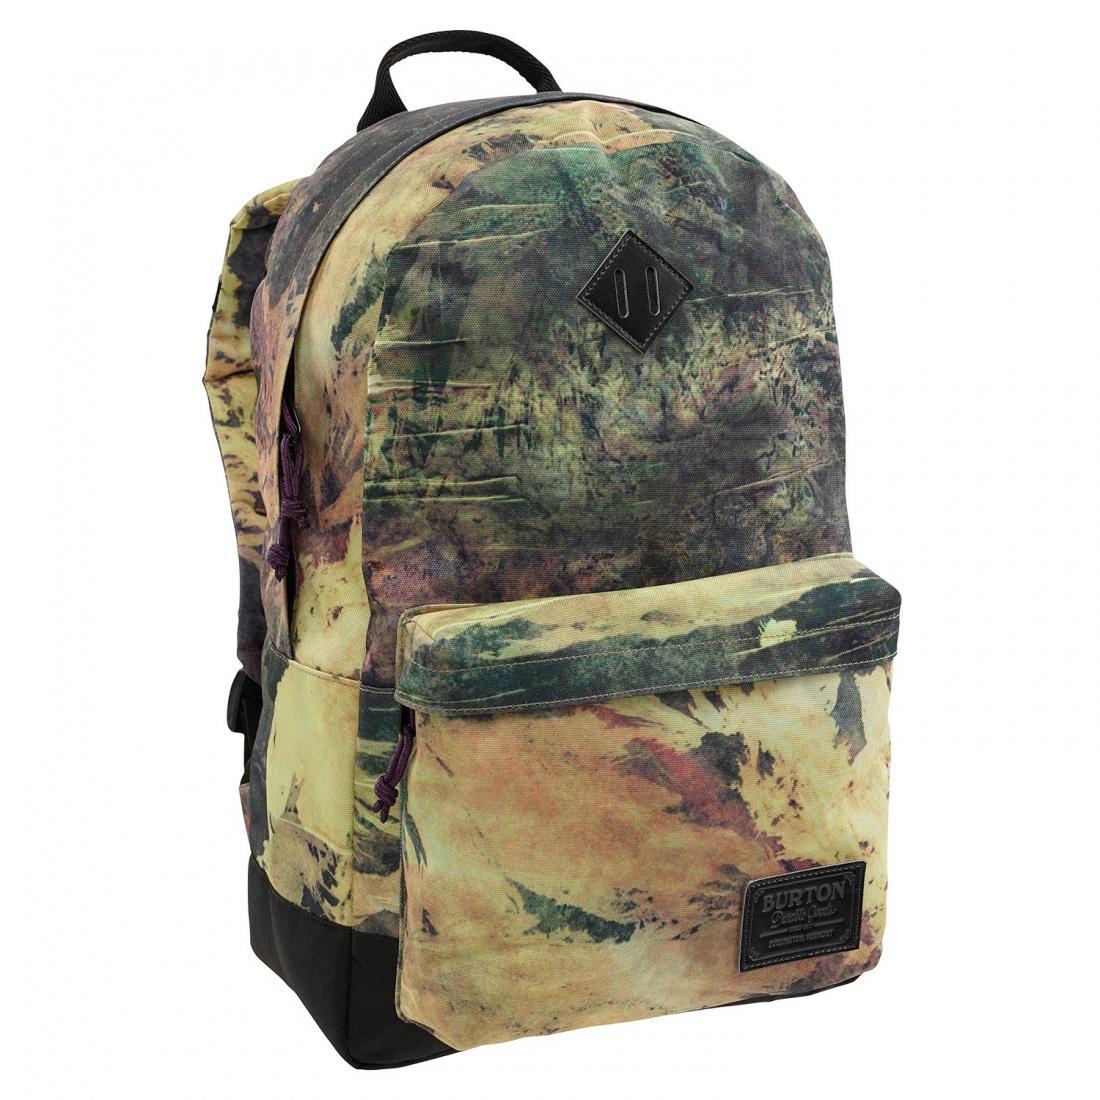 Рюкзак KETTLE PACKРюкзаки<br><br> Небольшой, но функциональный рюкзак Kettle Pack от Burton объемом 20 литров – оптимальный выбор для студентов и активных городских жителей. Он изготовлен из прочных материалов, оснащен многочисленными отделениями с прочными молниями и удобными плеч...<br><br>Цвет: Бежевый<br>Размер: None